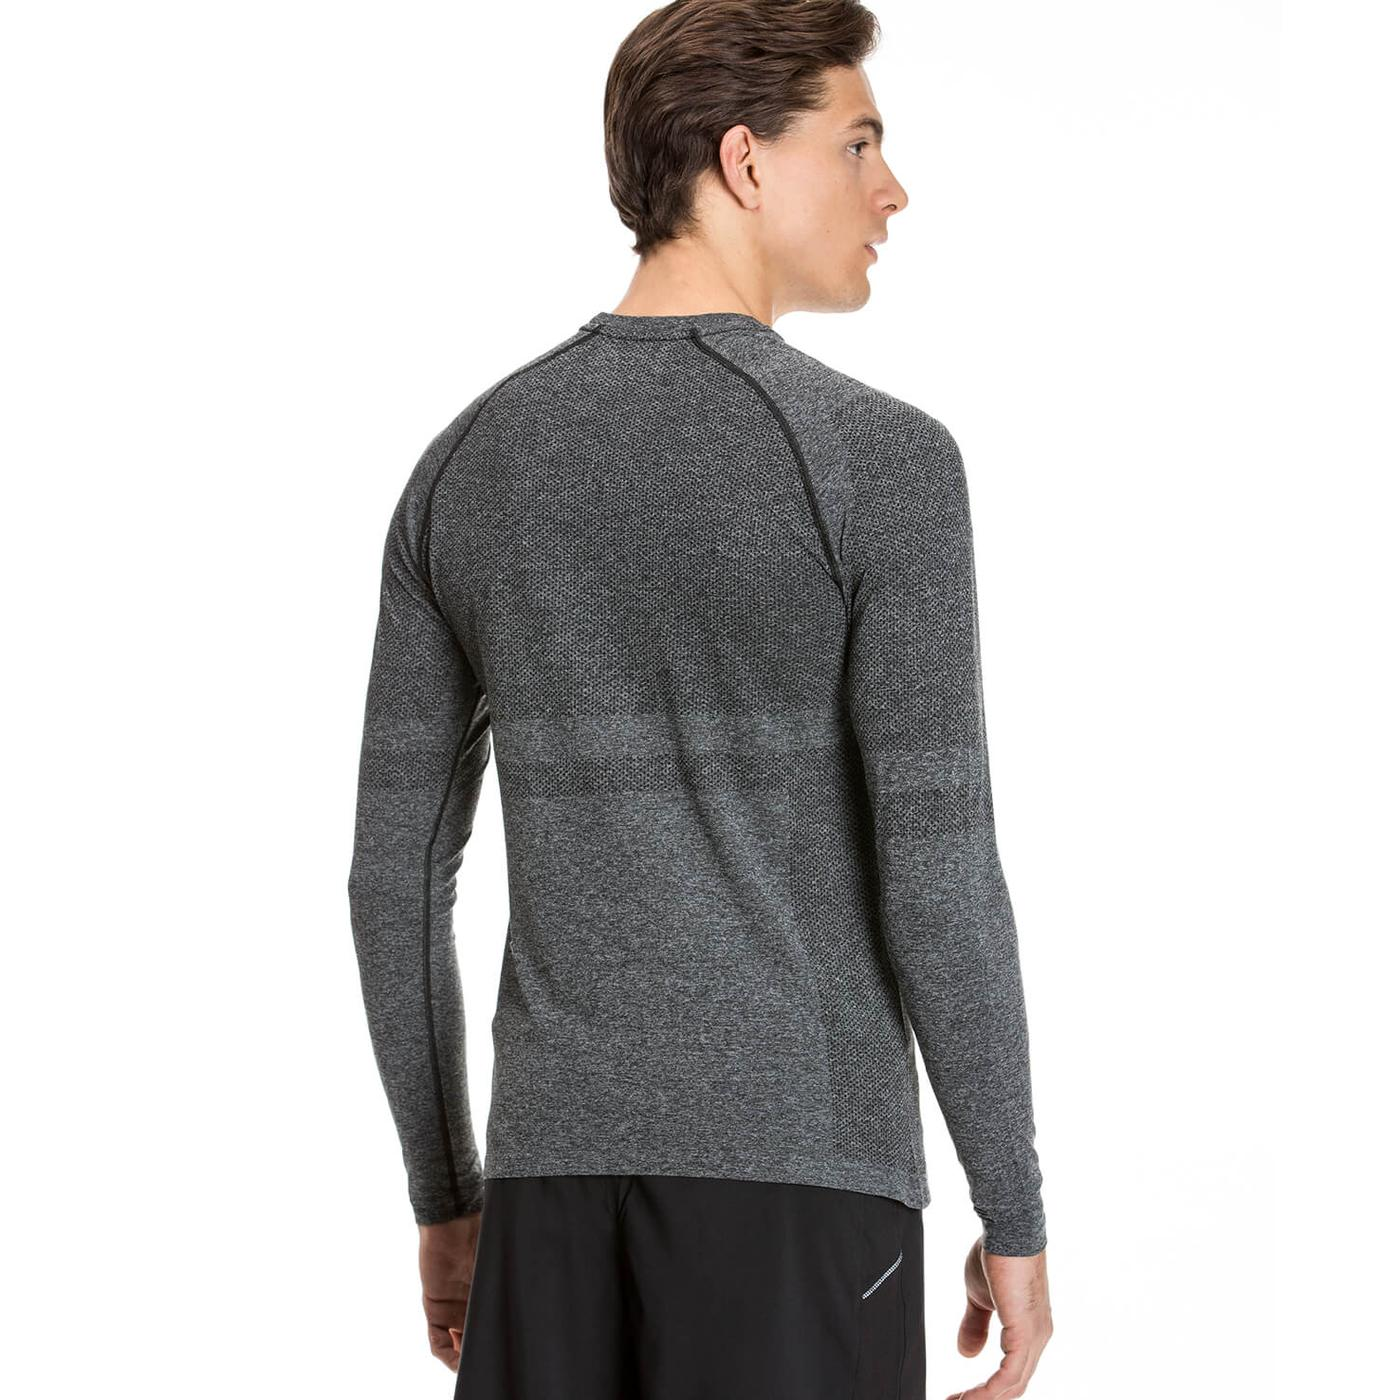 New Balance Erkek Gri Sweatshirt